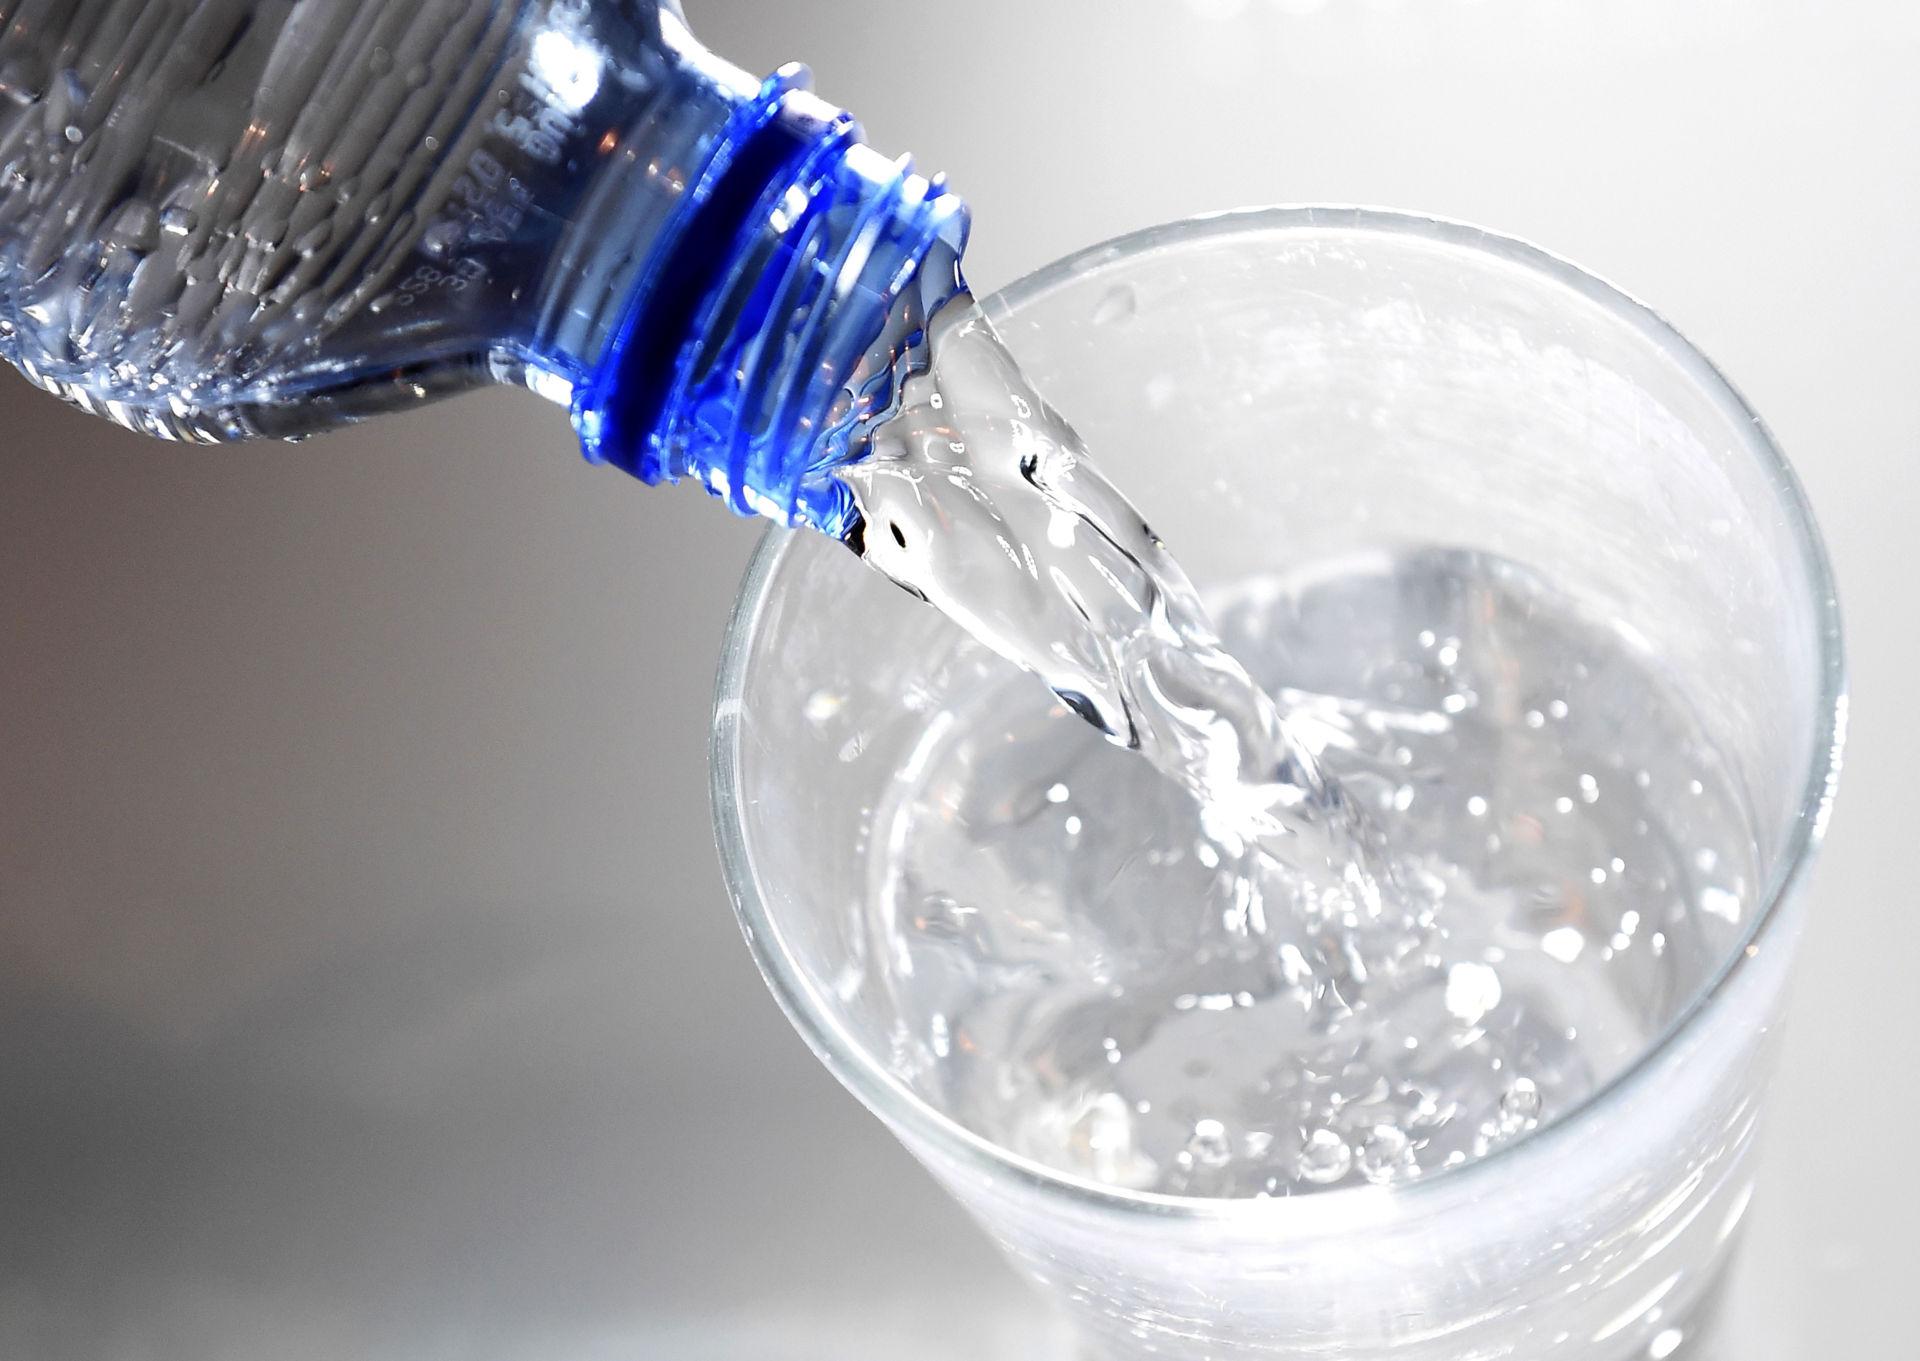 Nước tiểu và những điều cần biết - 1